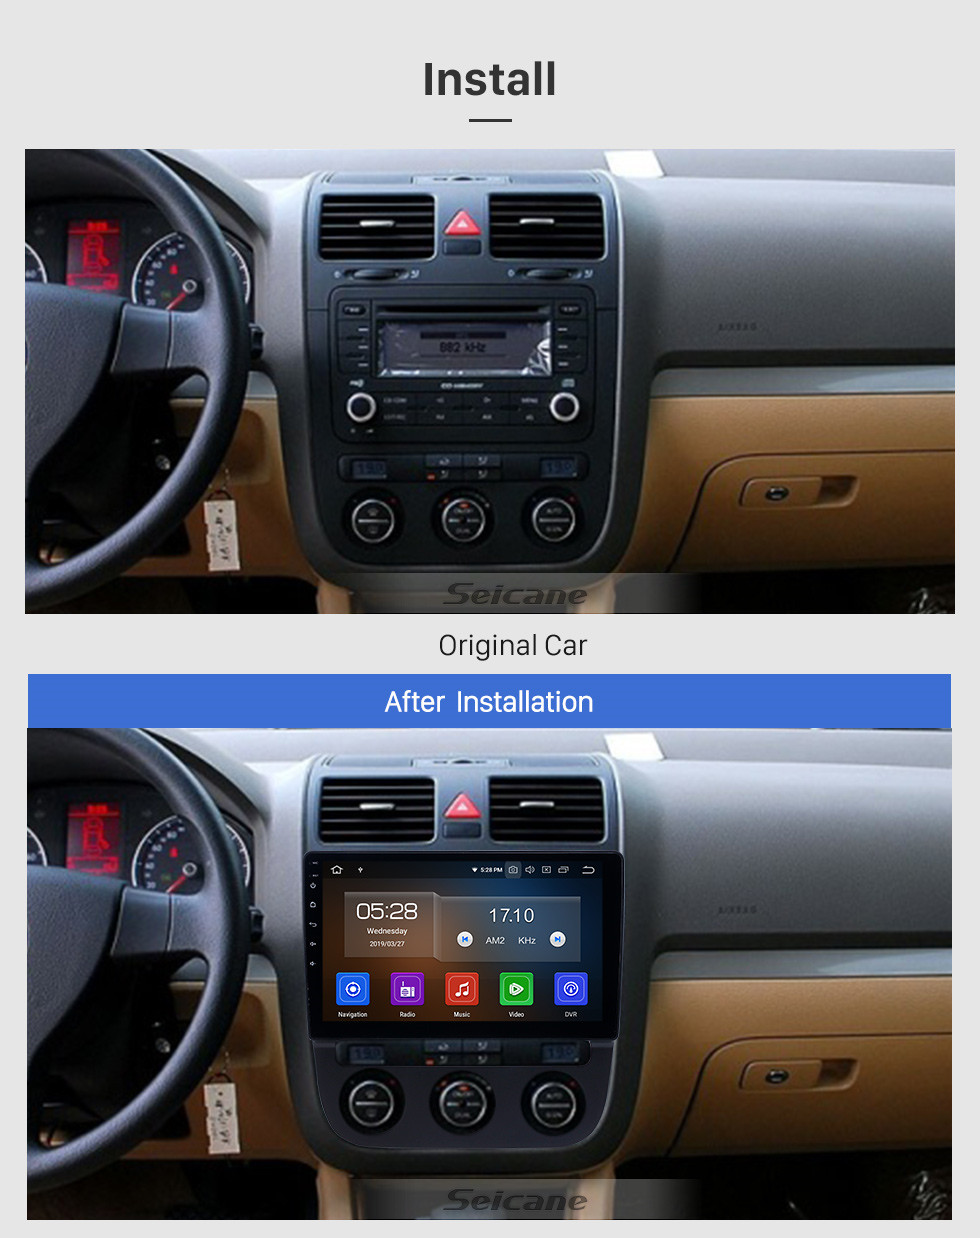 Seicane 10,1 pouces Android 9.0 Radio de navigation GPS pour 2006-2010 VW Volkswagen Sagitar avec support tactile Carplay Bluetooth HD 1080p